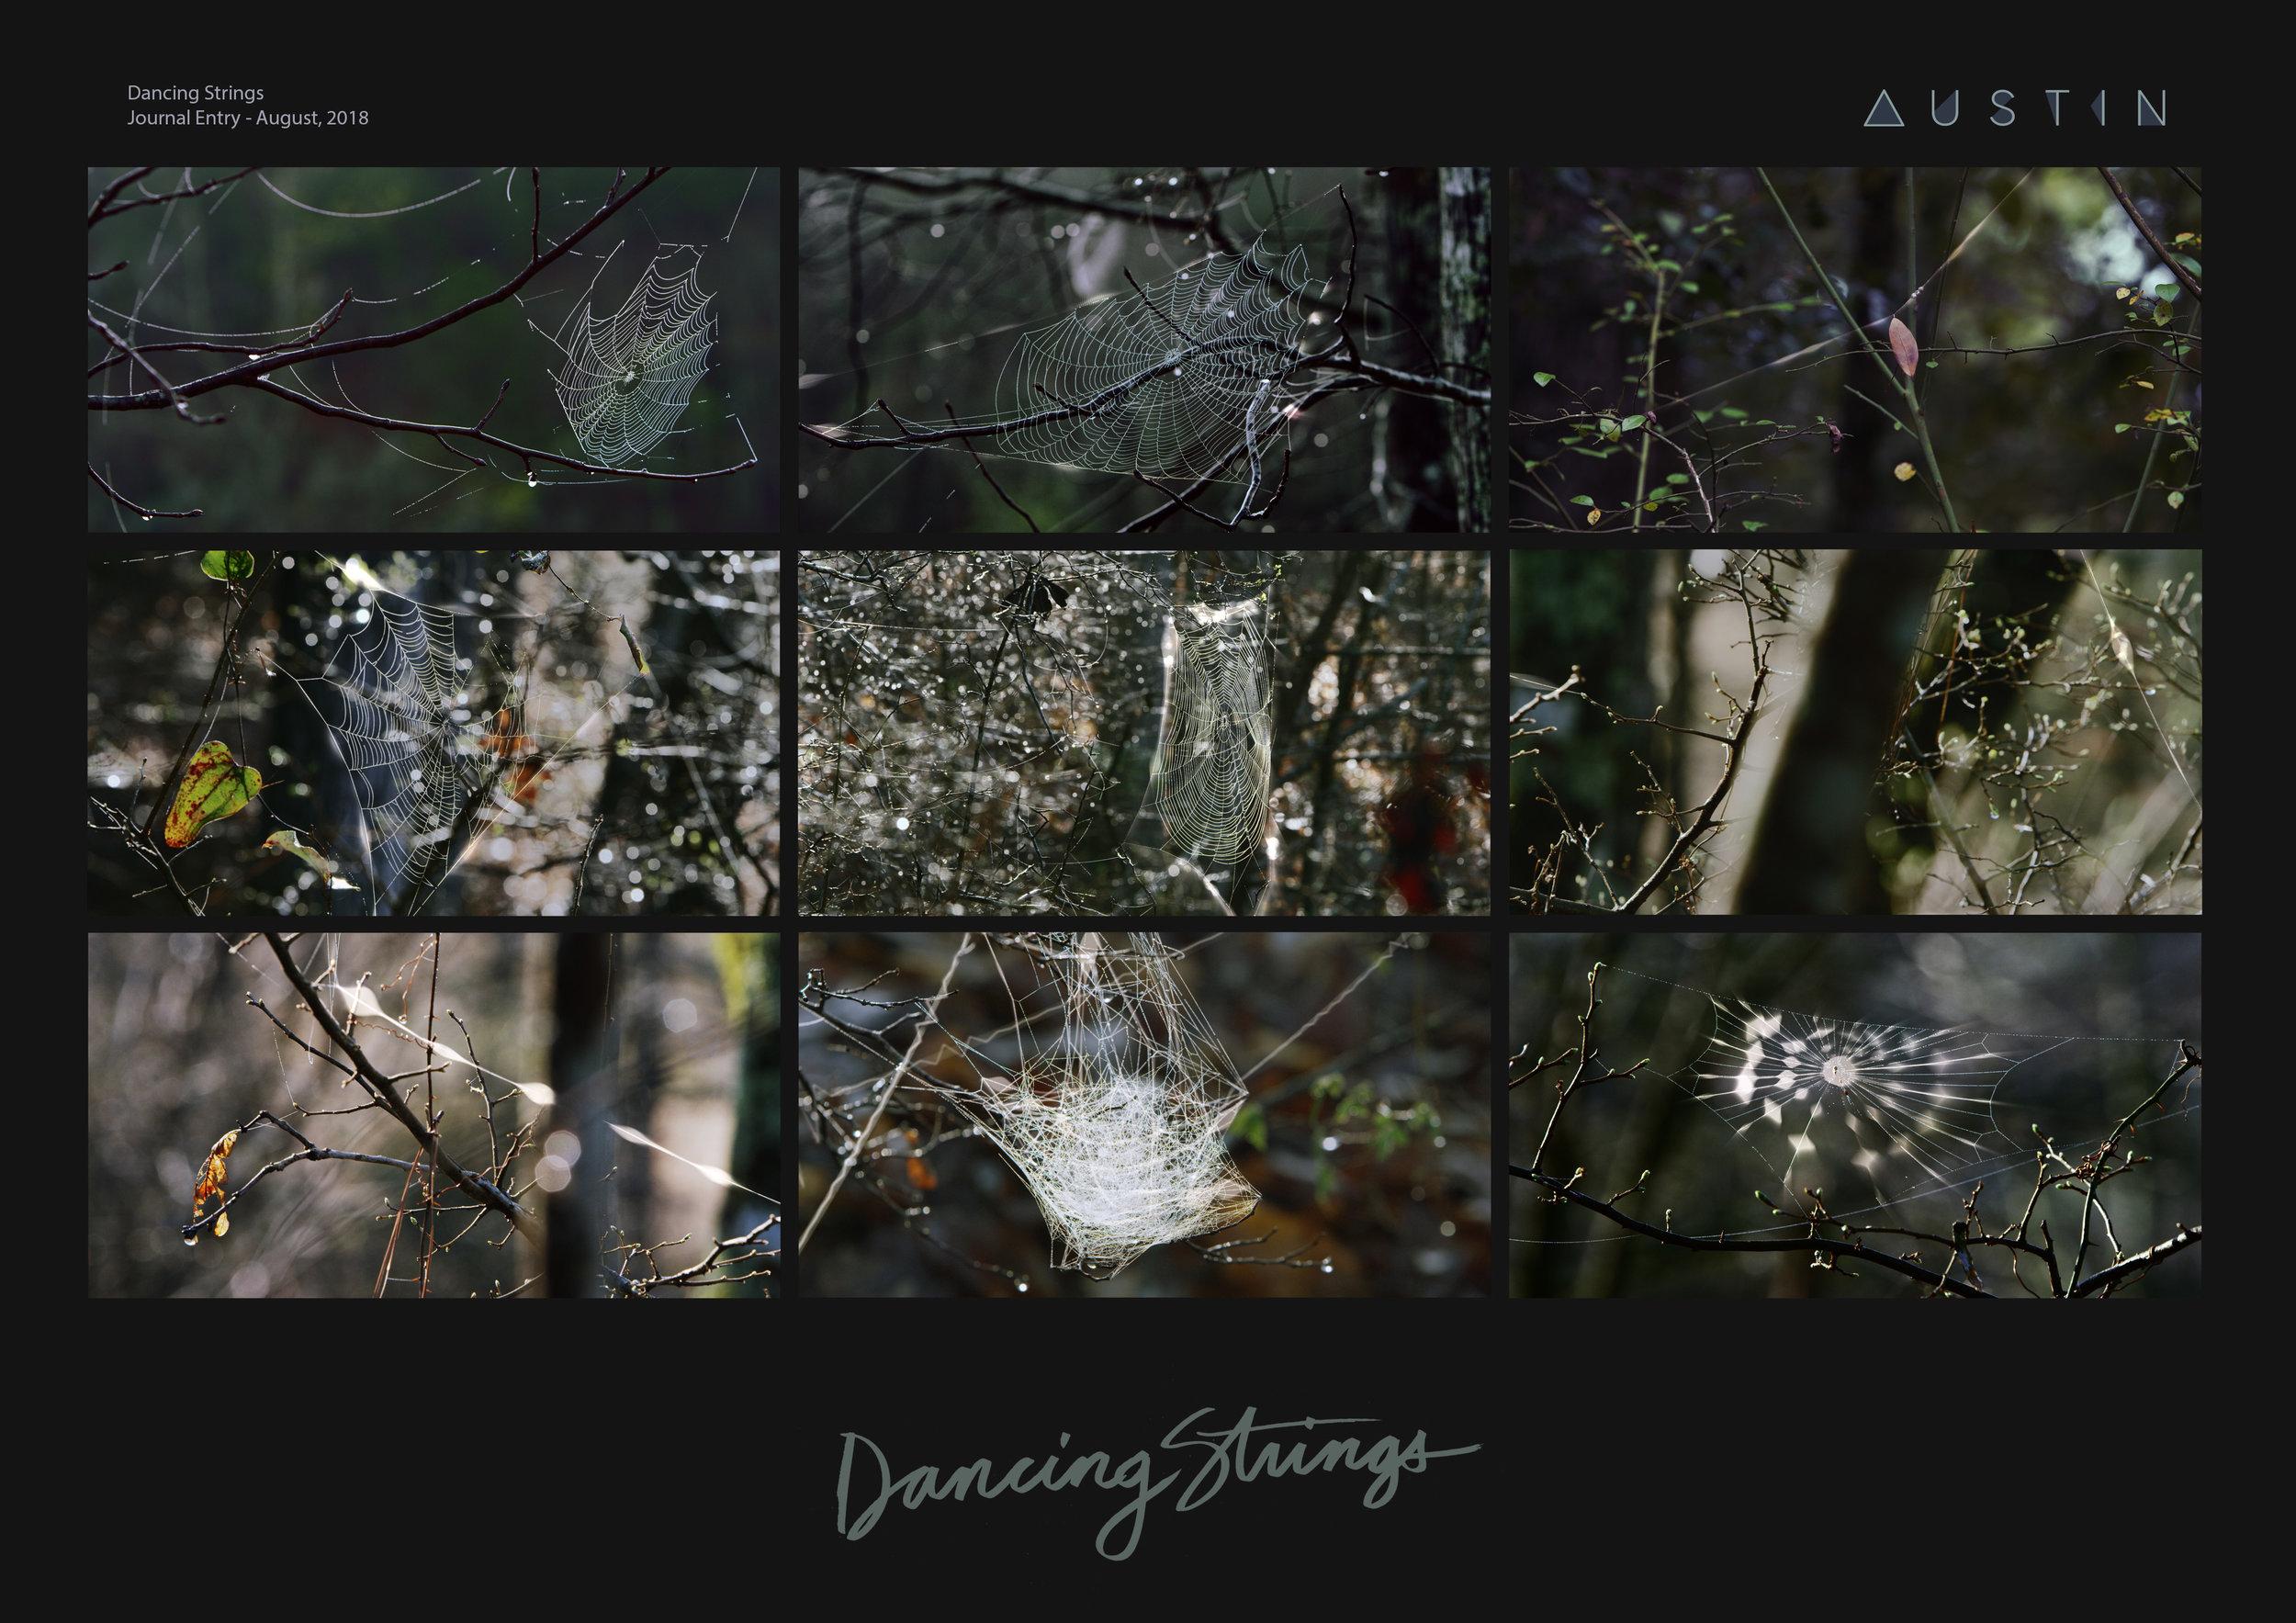 Dancing-Strings-Pres_FIN.jpg